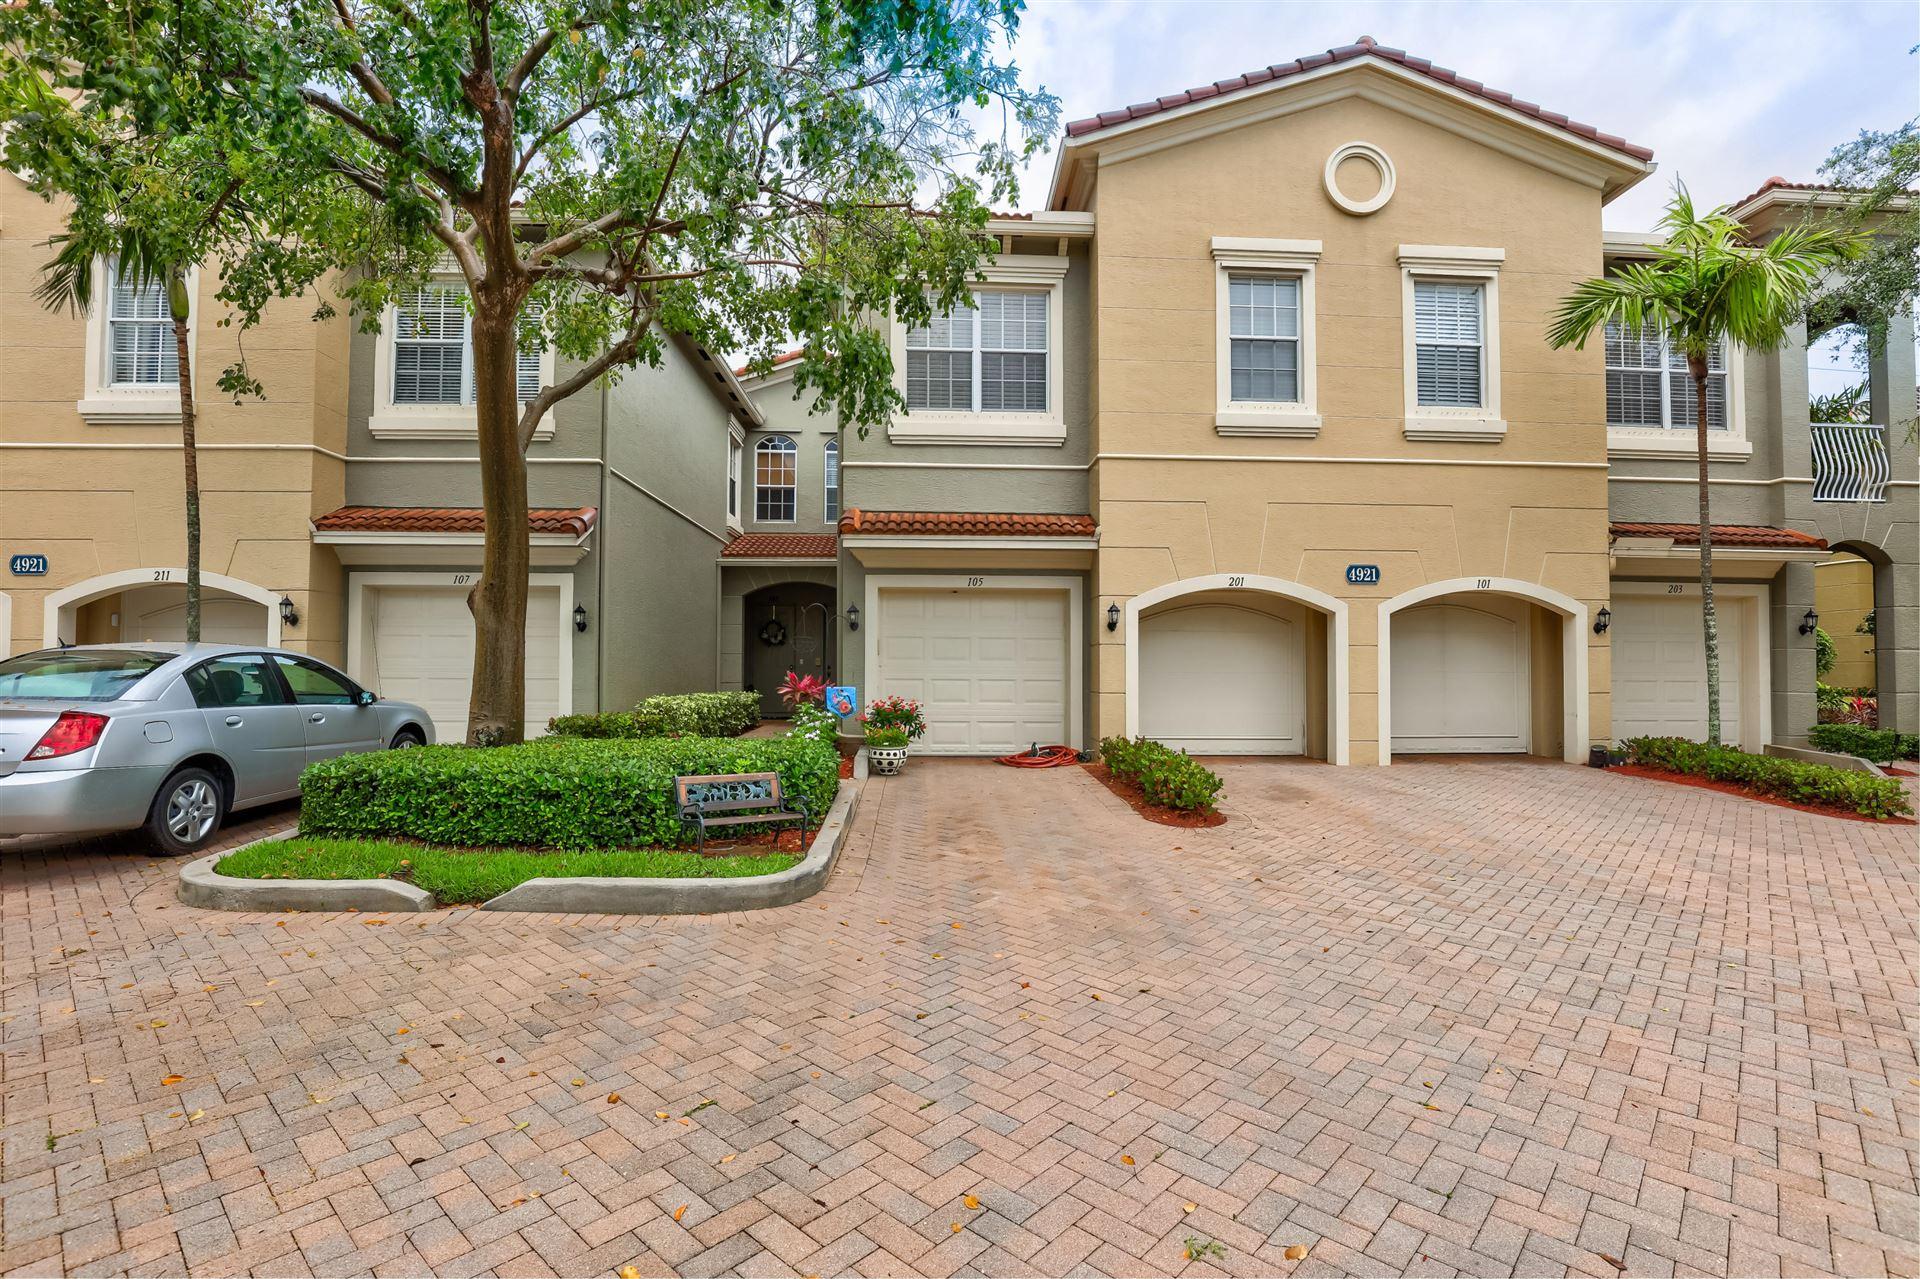 4921 Bonsai 105 Circle #Apt 105, Palm Beach Gardens, FL 33418 - MLS#: RX-10715252